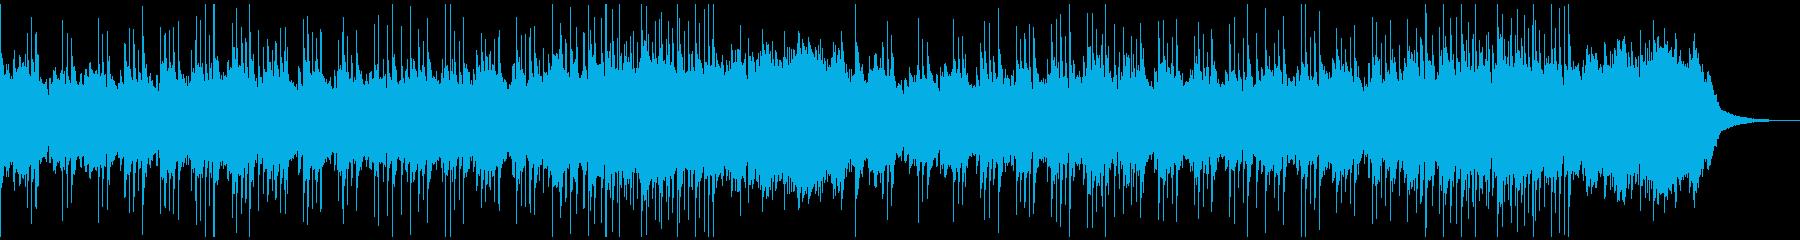 津軽三味線×オーケストラの壮大なバラードの再生済みの波形